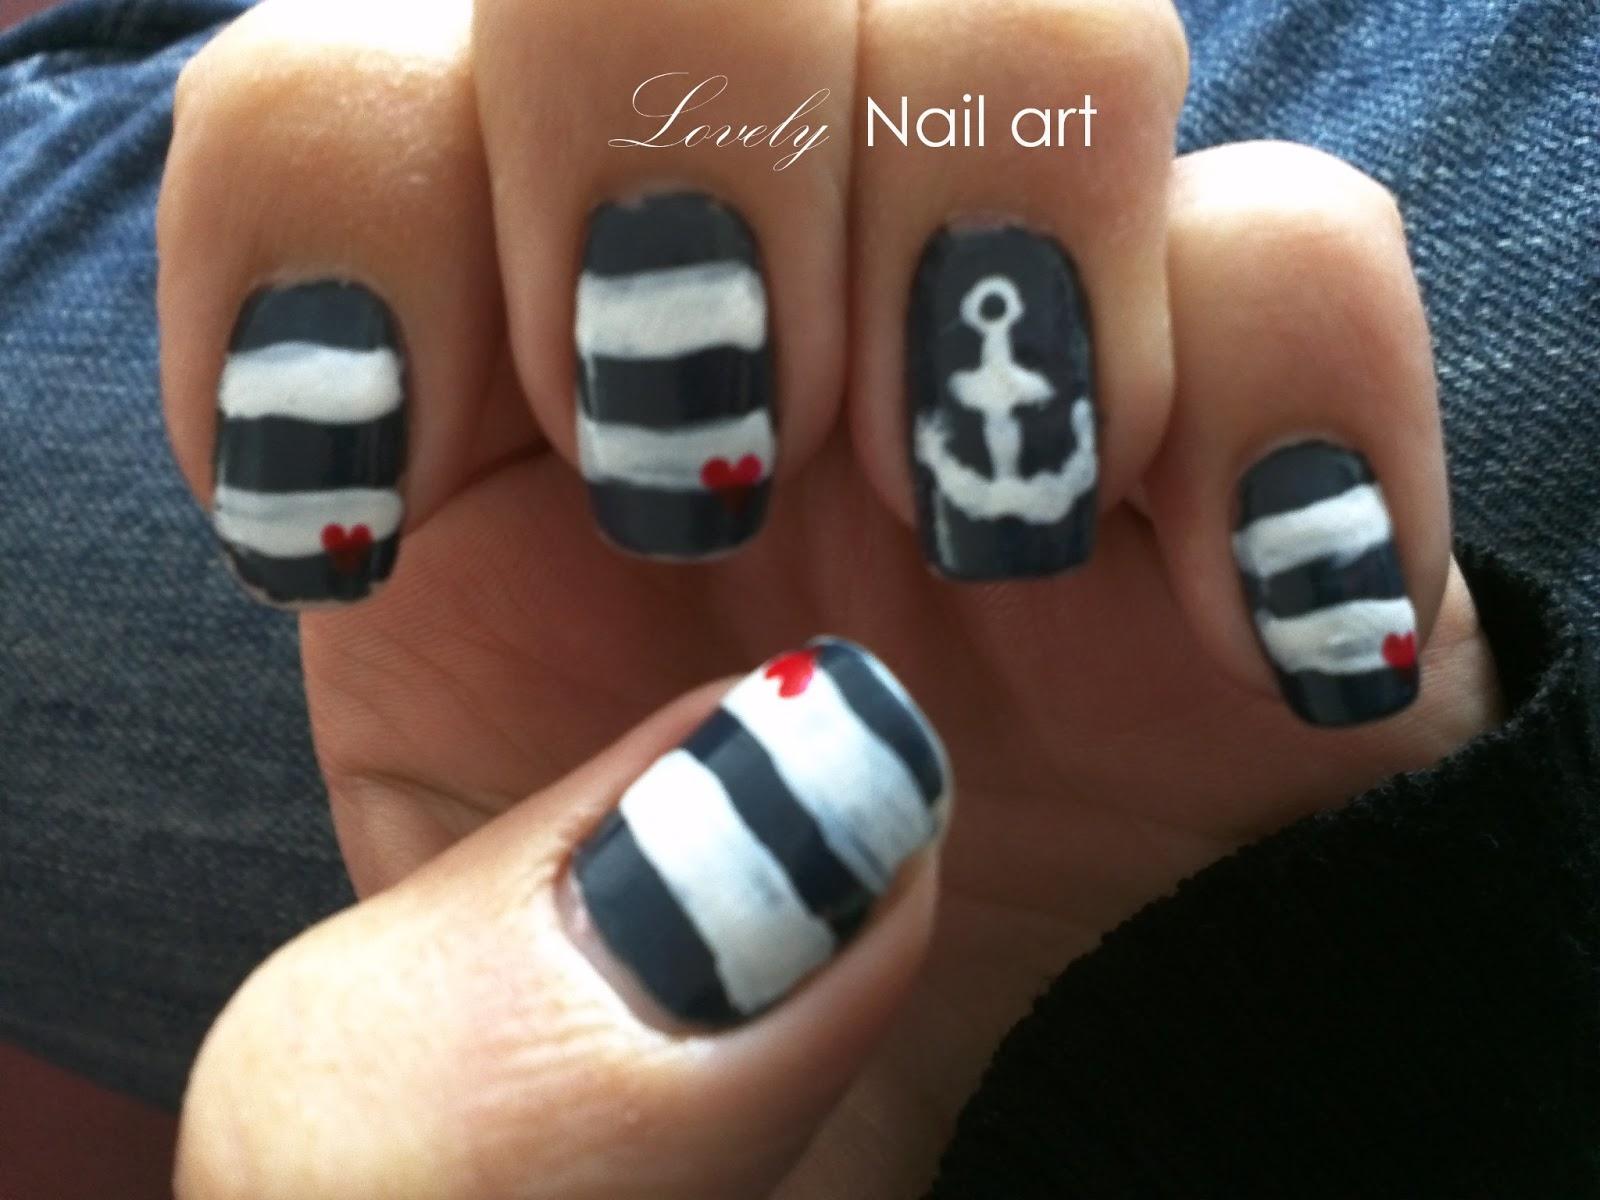 Lovely Nail Art: July 2012